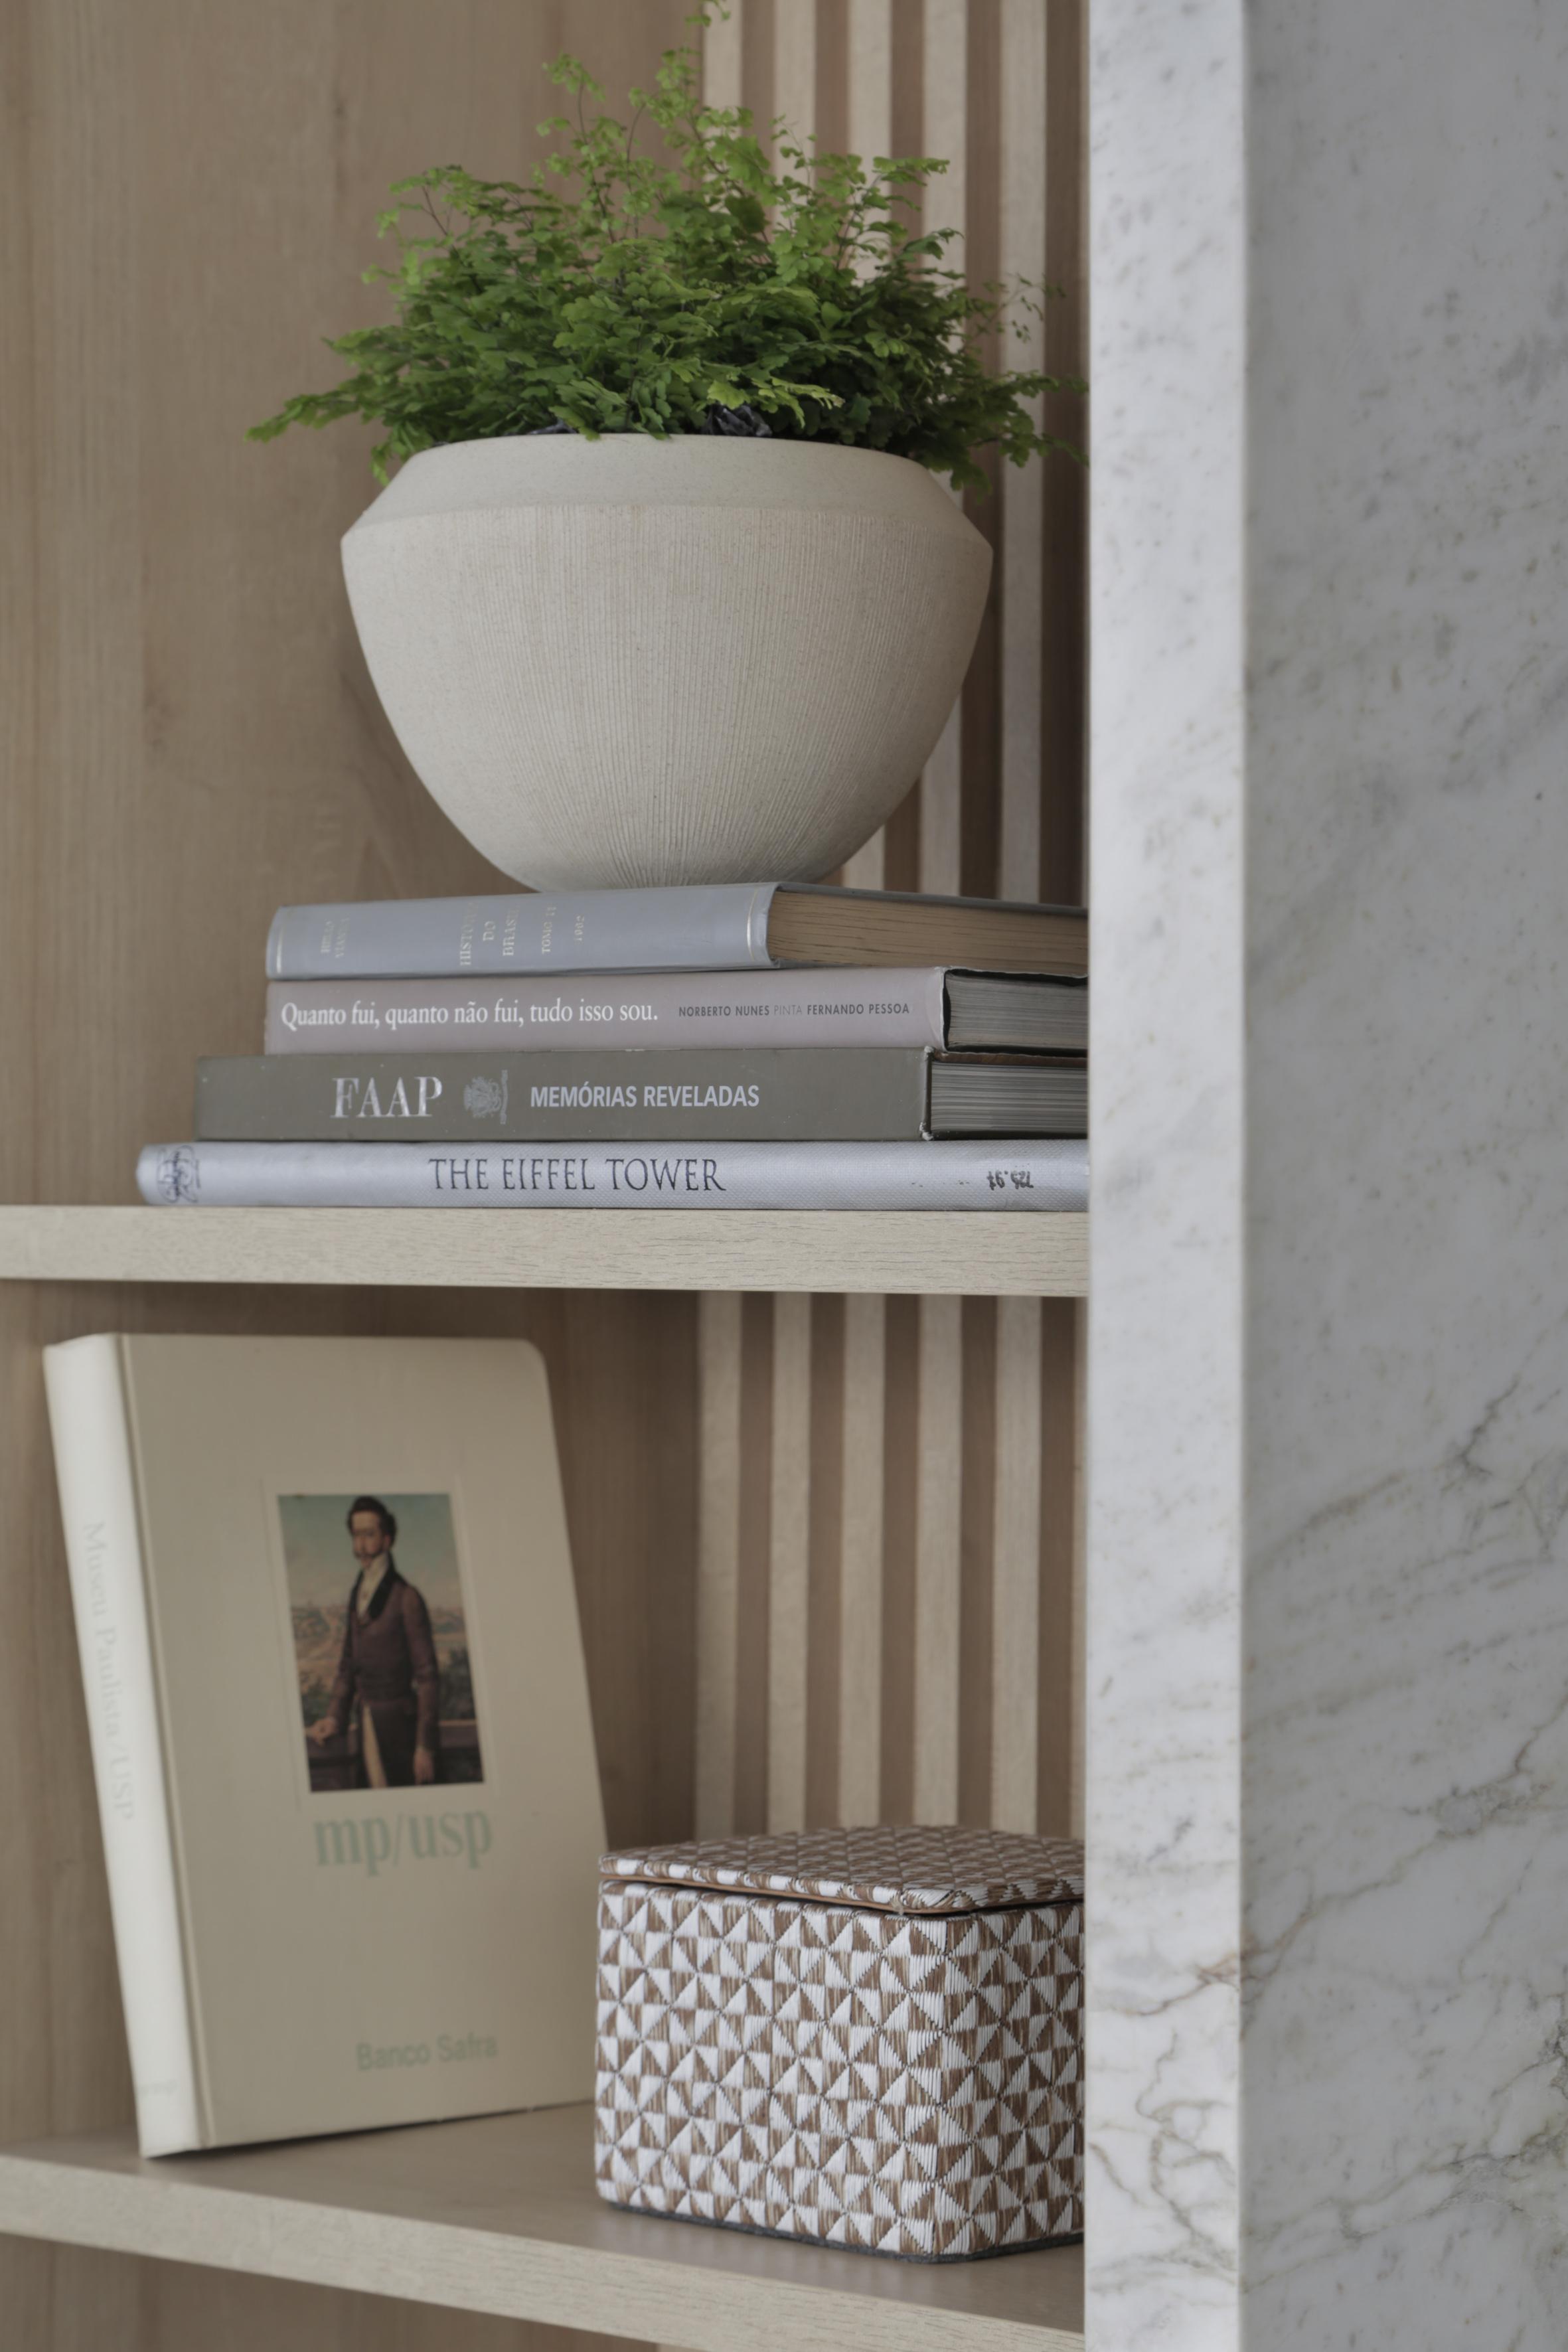 Casa Conecta: Ticiane Lima, CASACOR SP 2019.  Detalhe da estante com objetos como livros e vaso com planta.